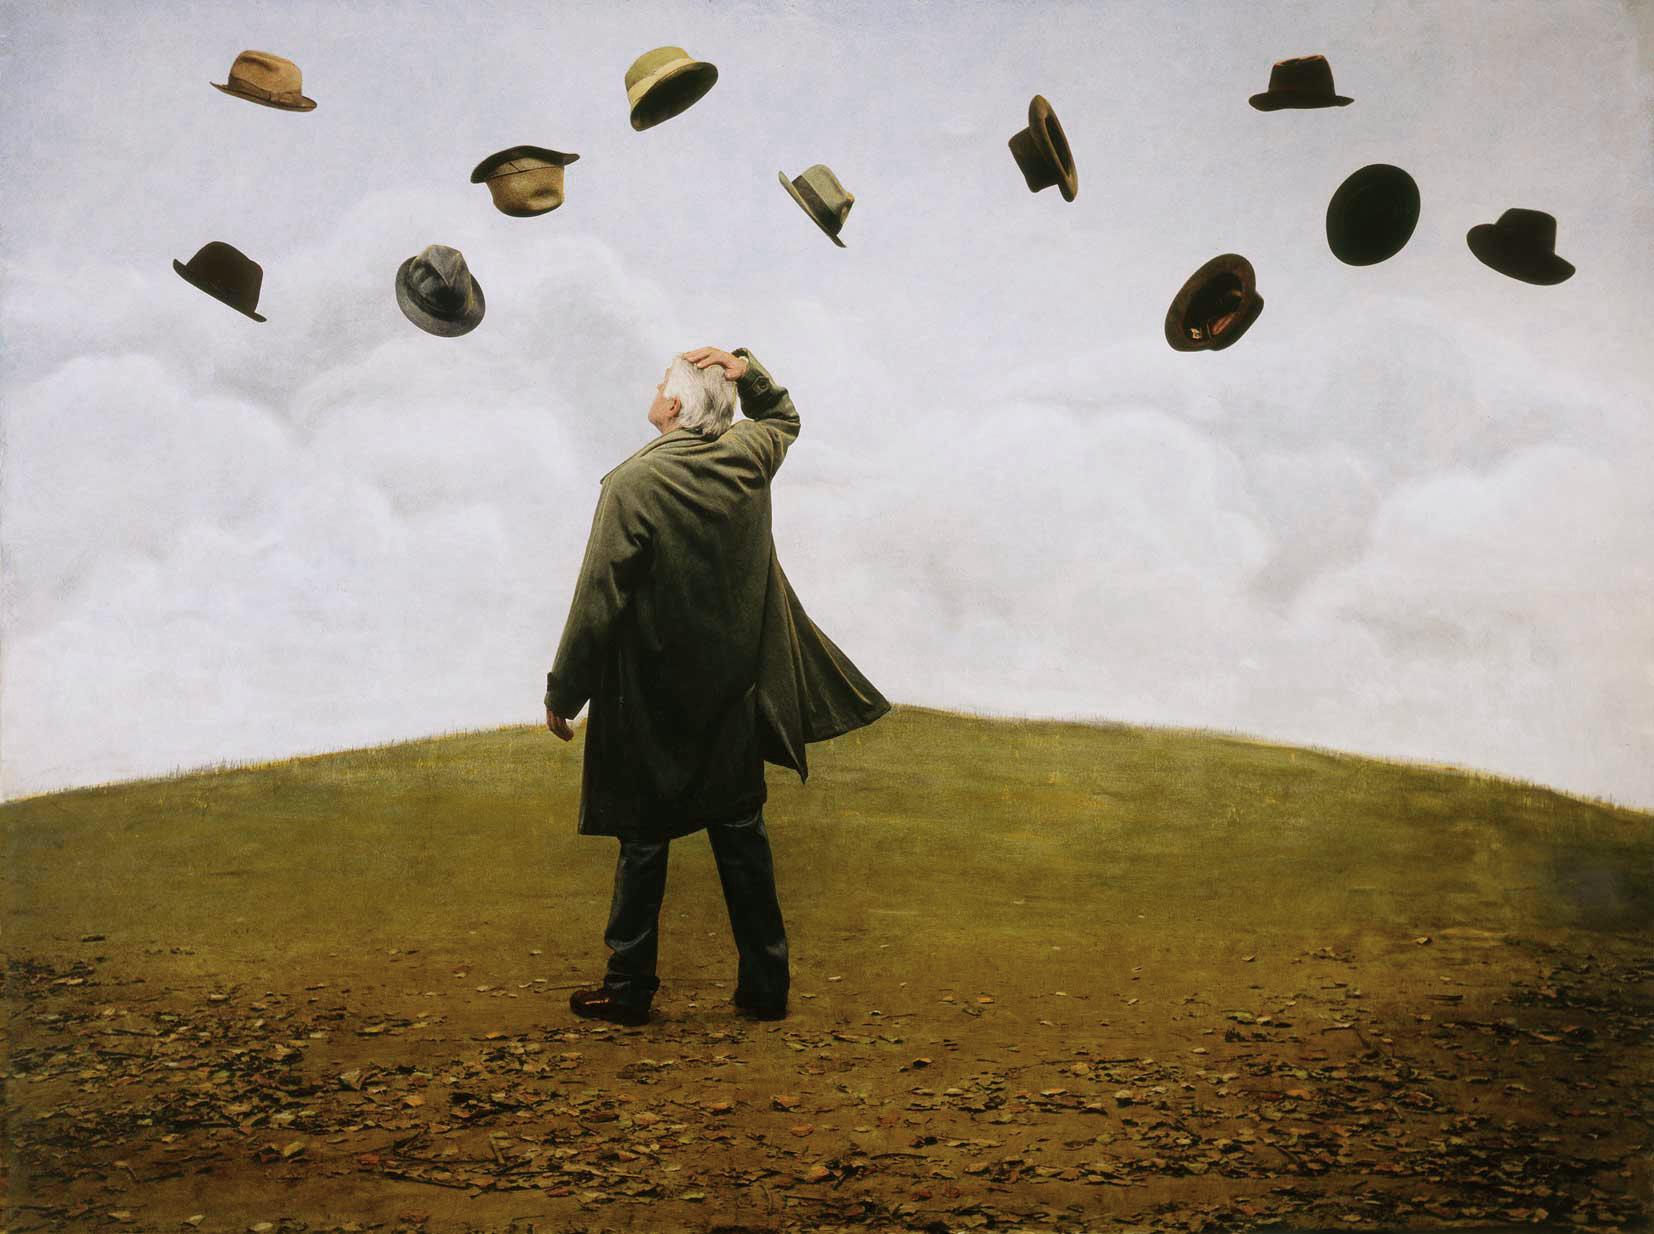 Теун Хокс - Без названия, 2006